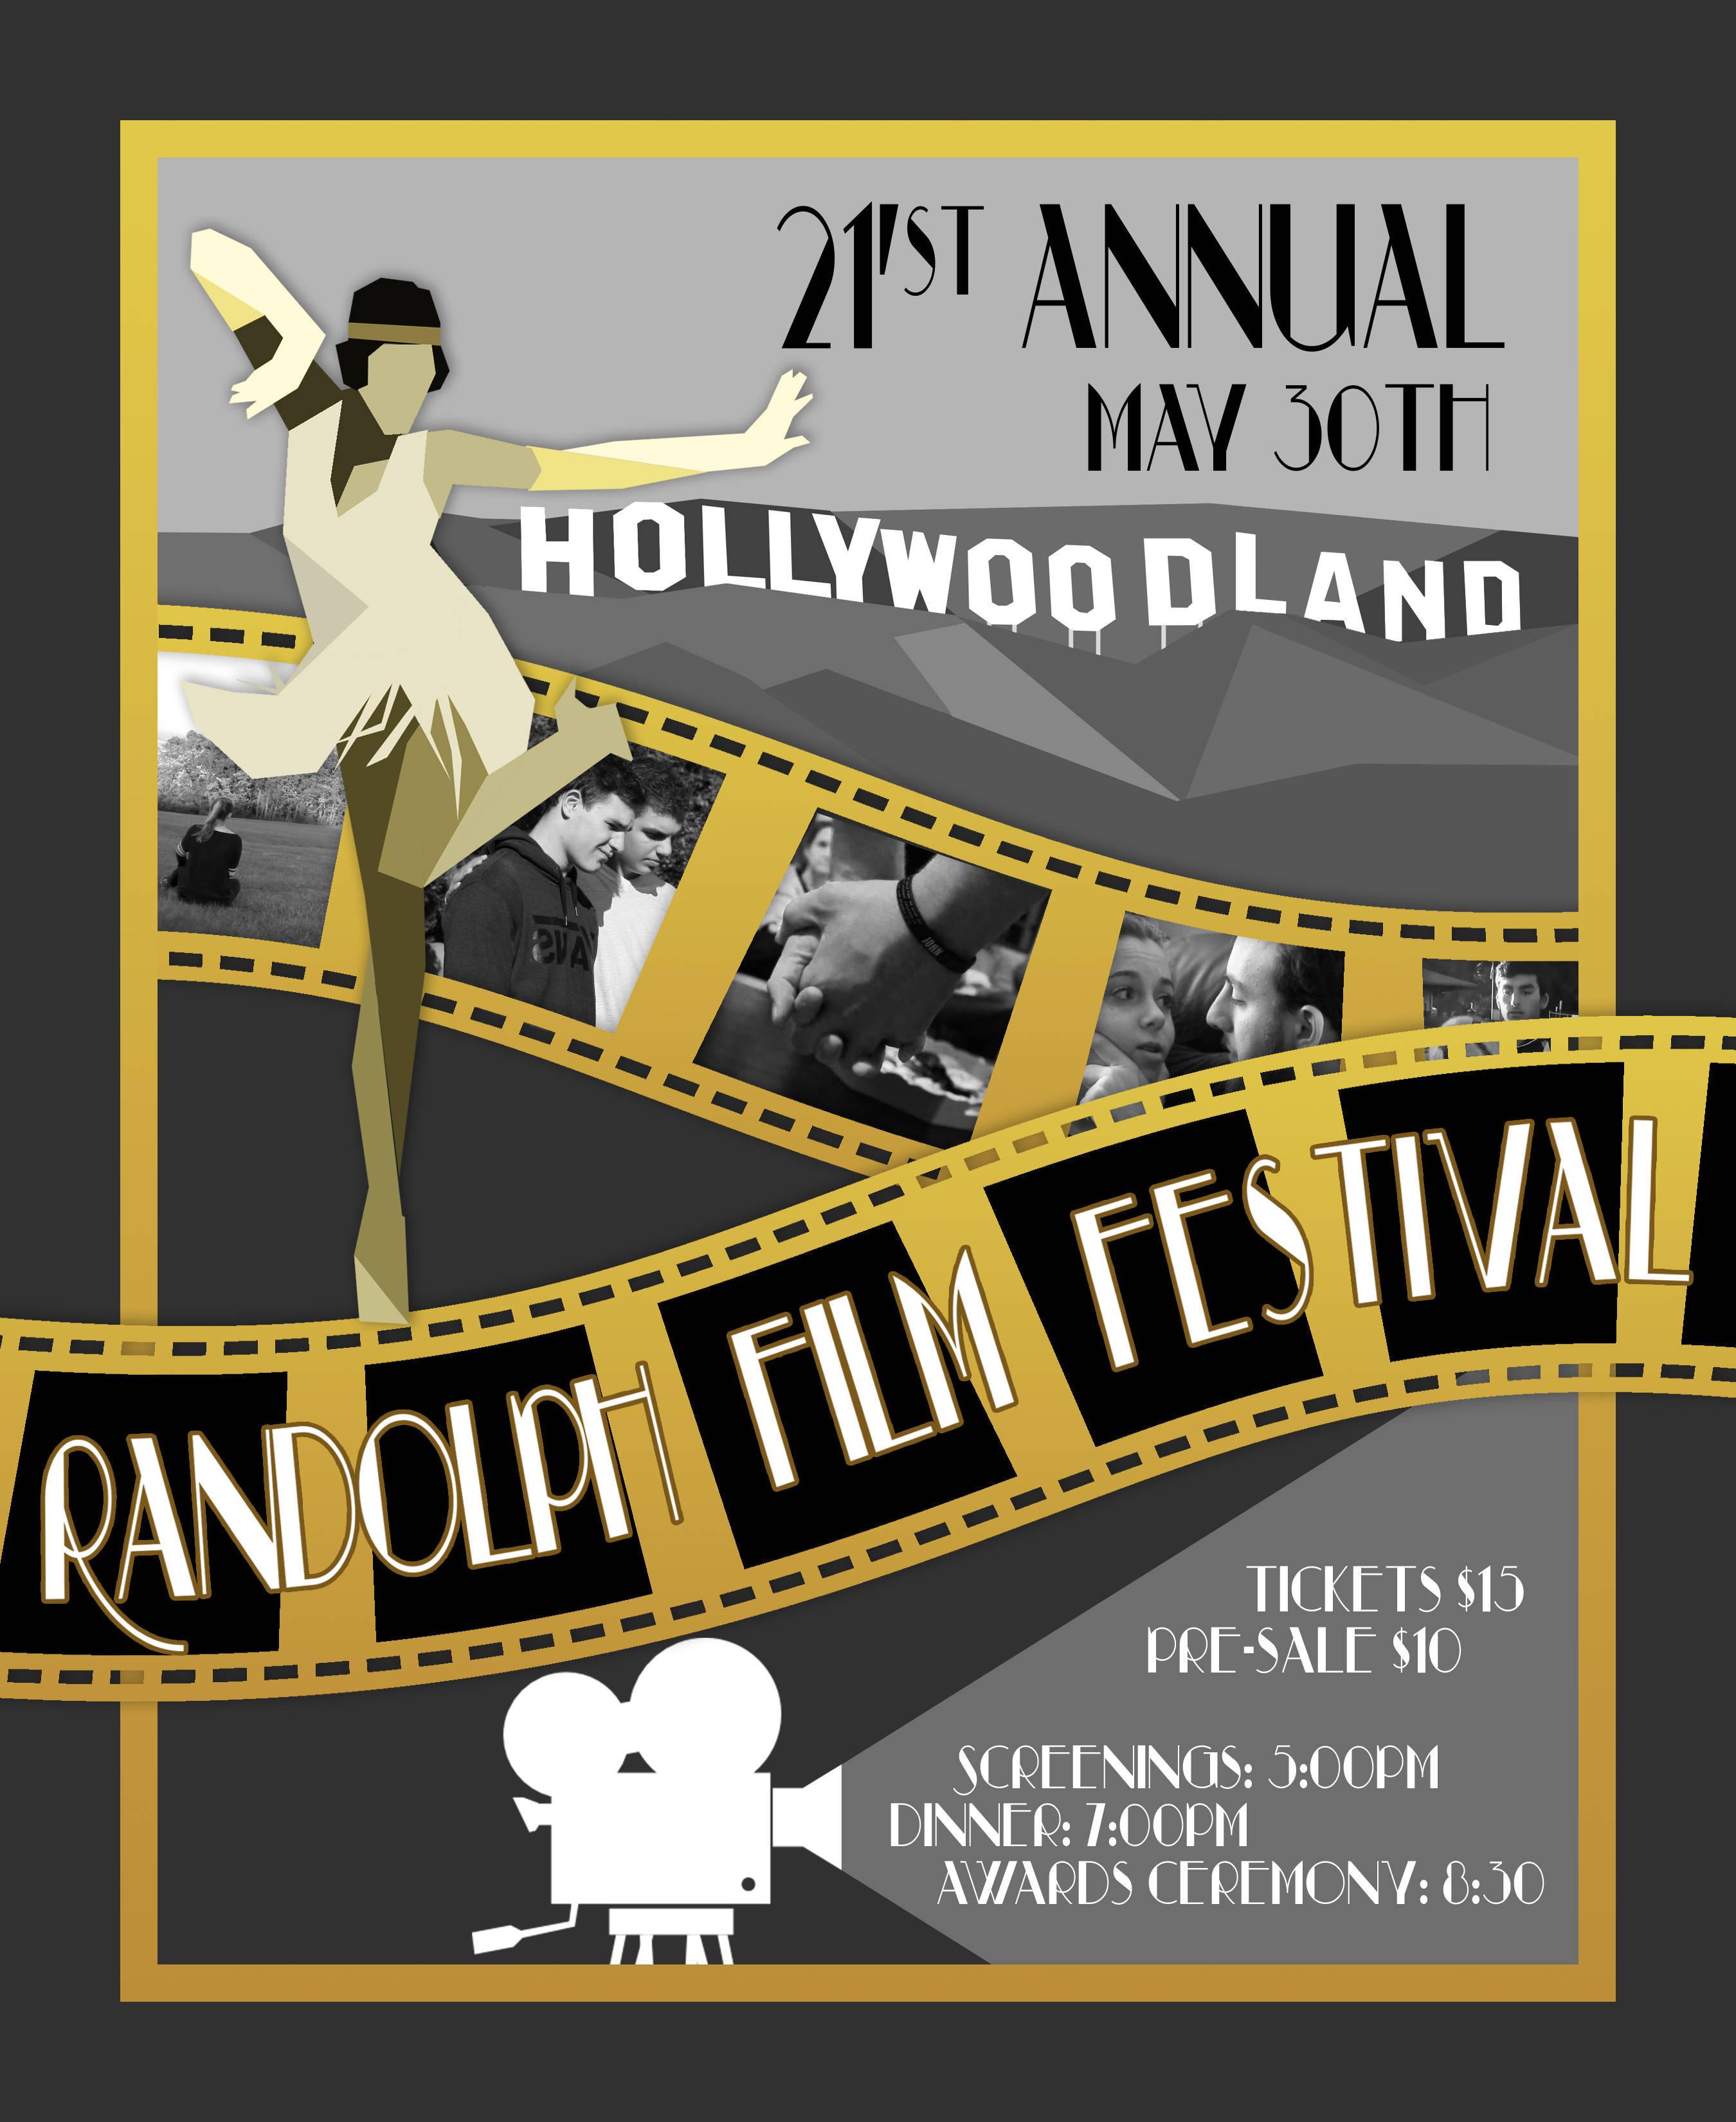 97eac4f4b4eed1068bdb_film_festival_poster.jpg